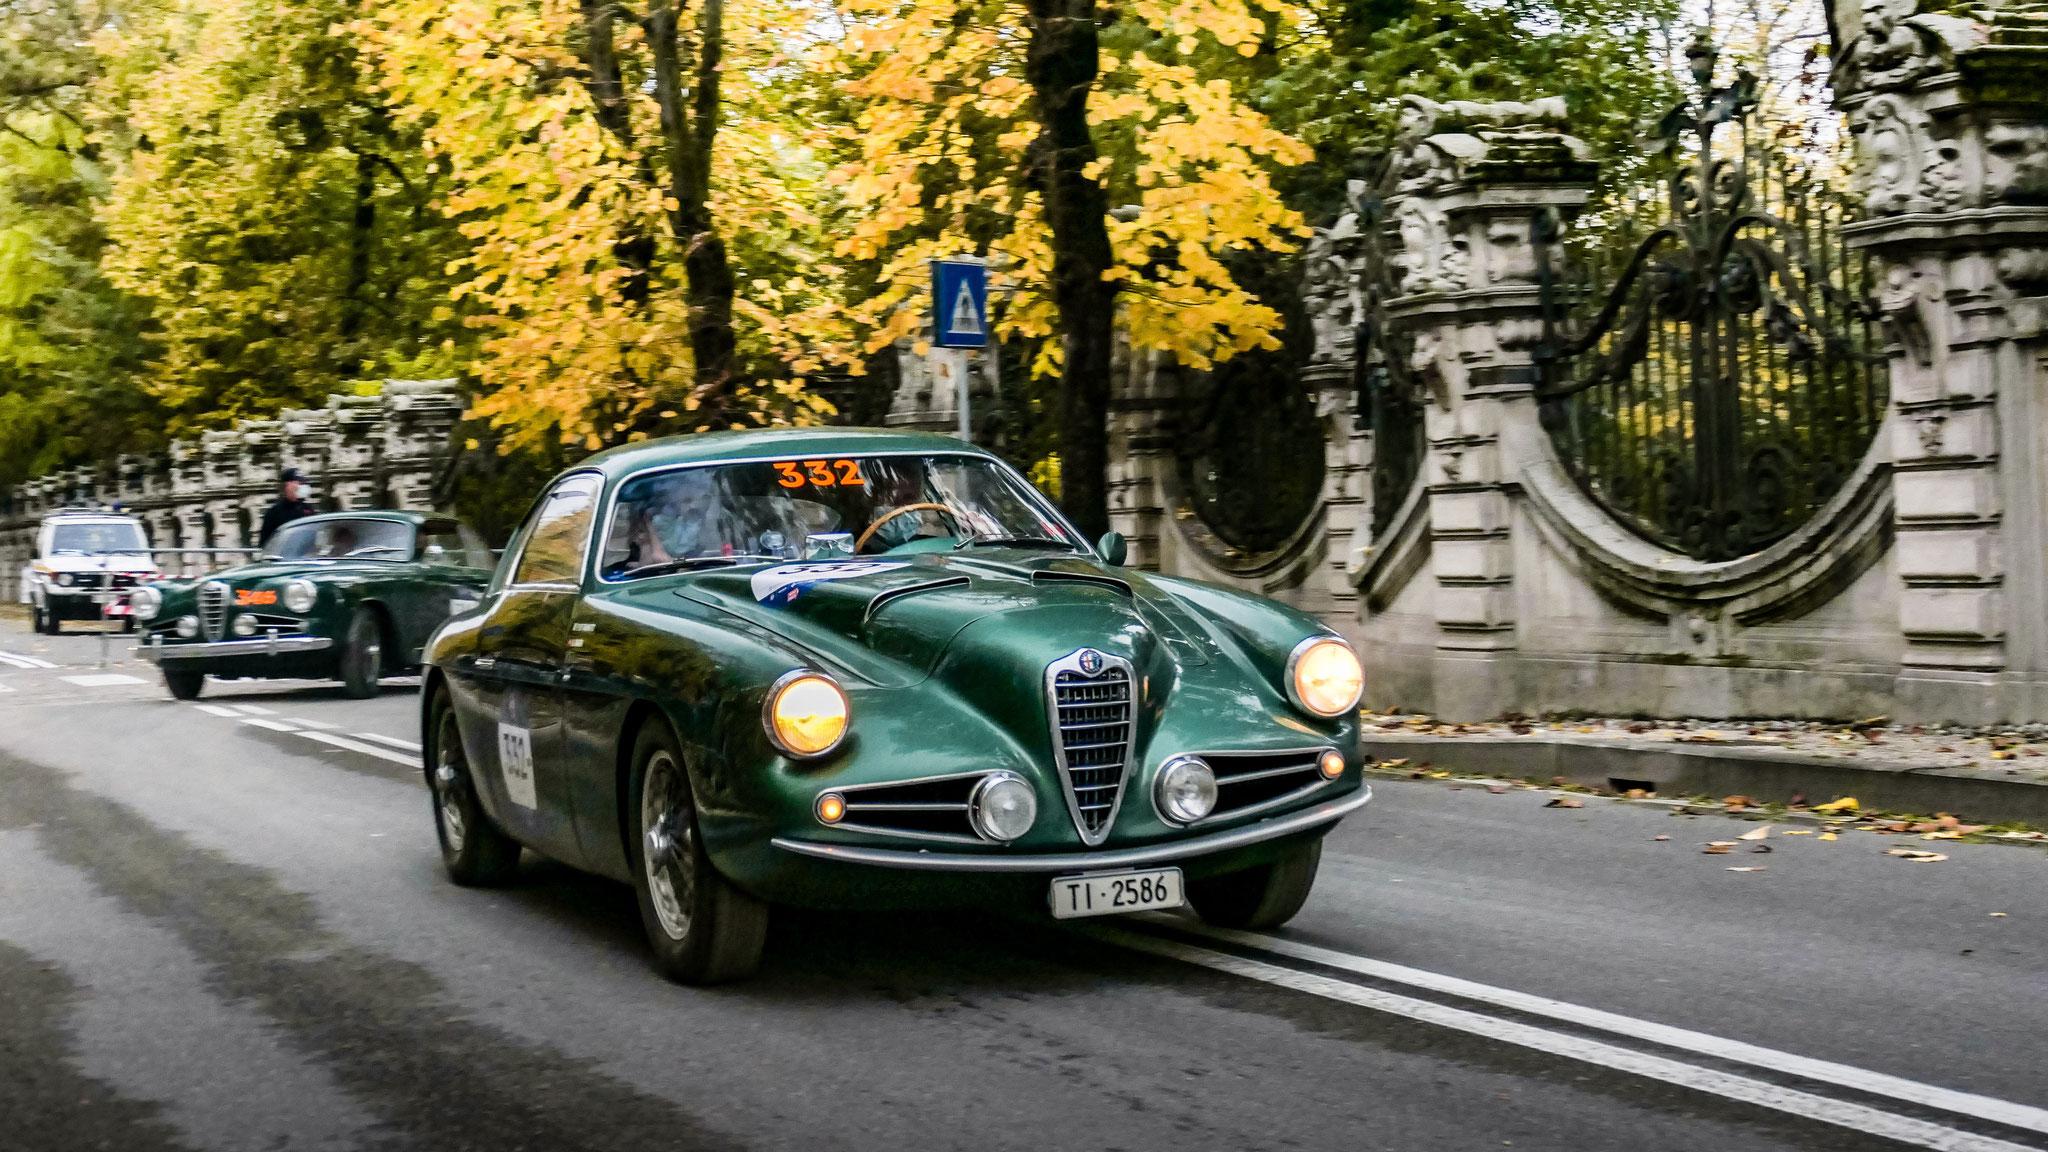 Alfa Romeo 1900 SS Zagato (1of39) - TI-2586 (CH)